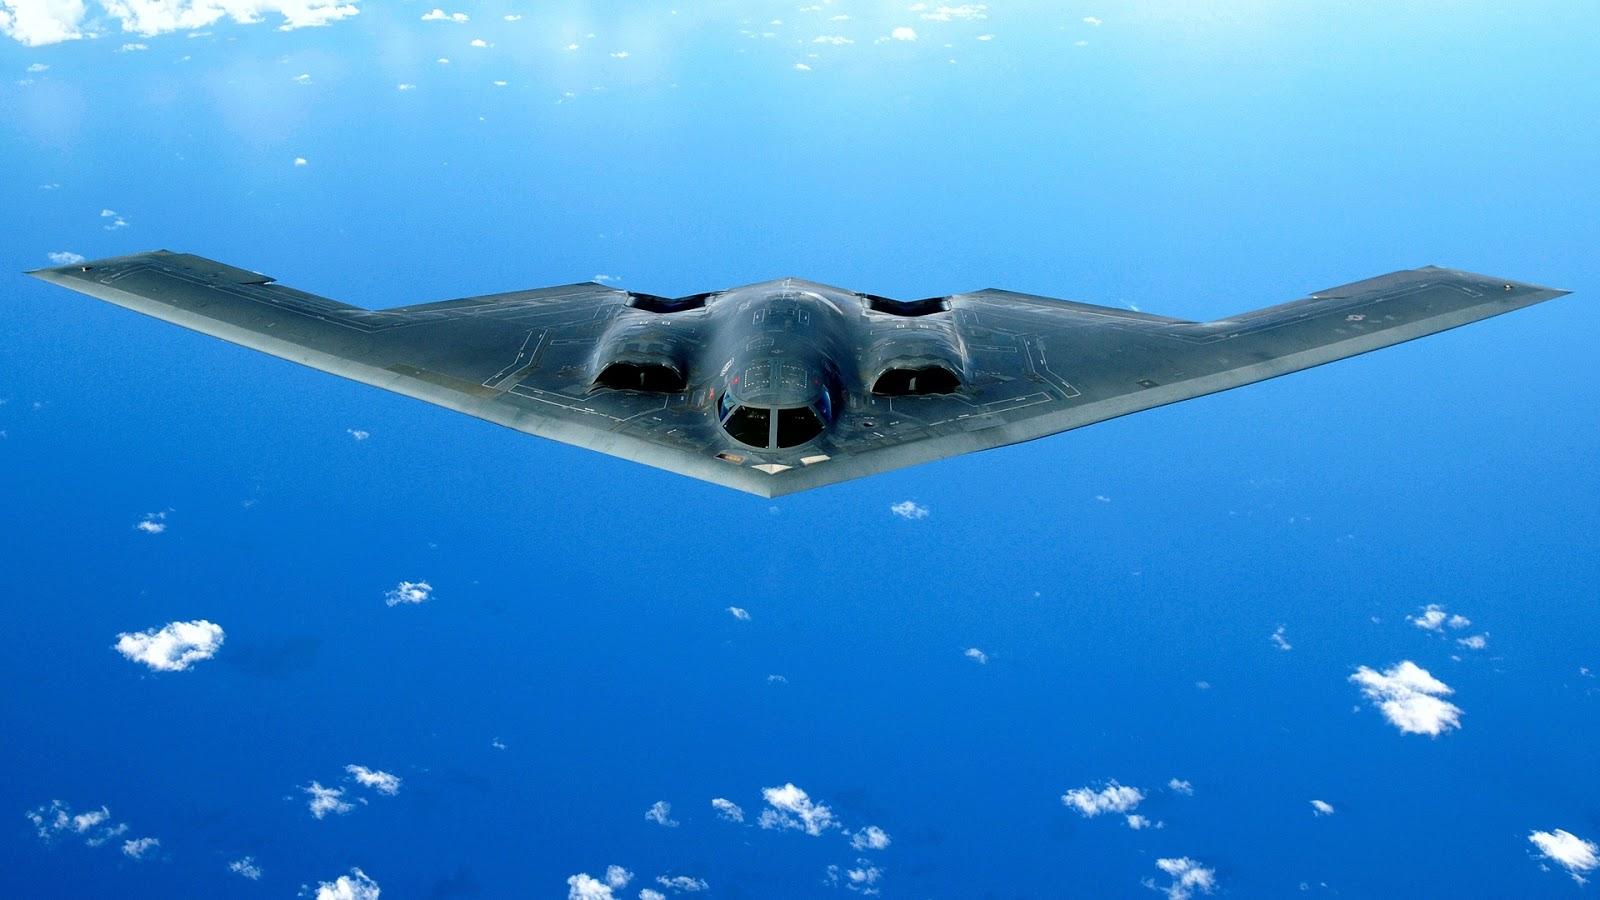 B2 Spirit Stealth Bomber